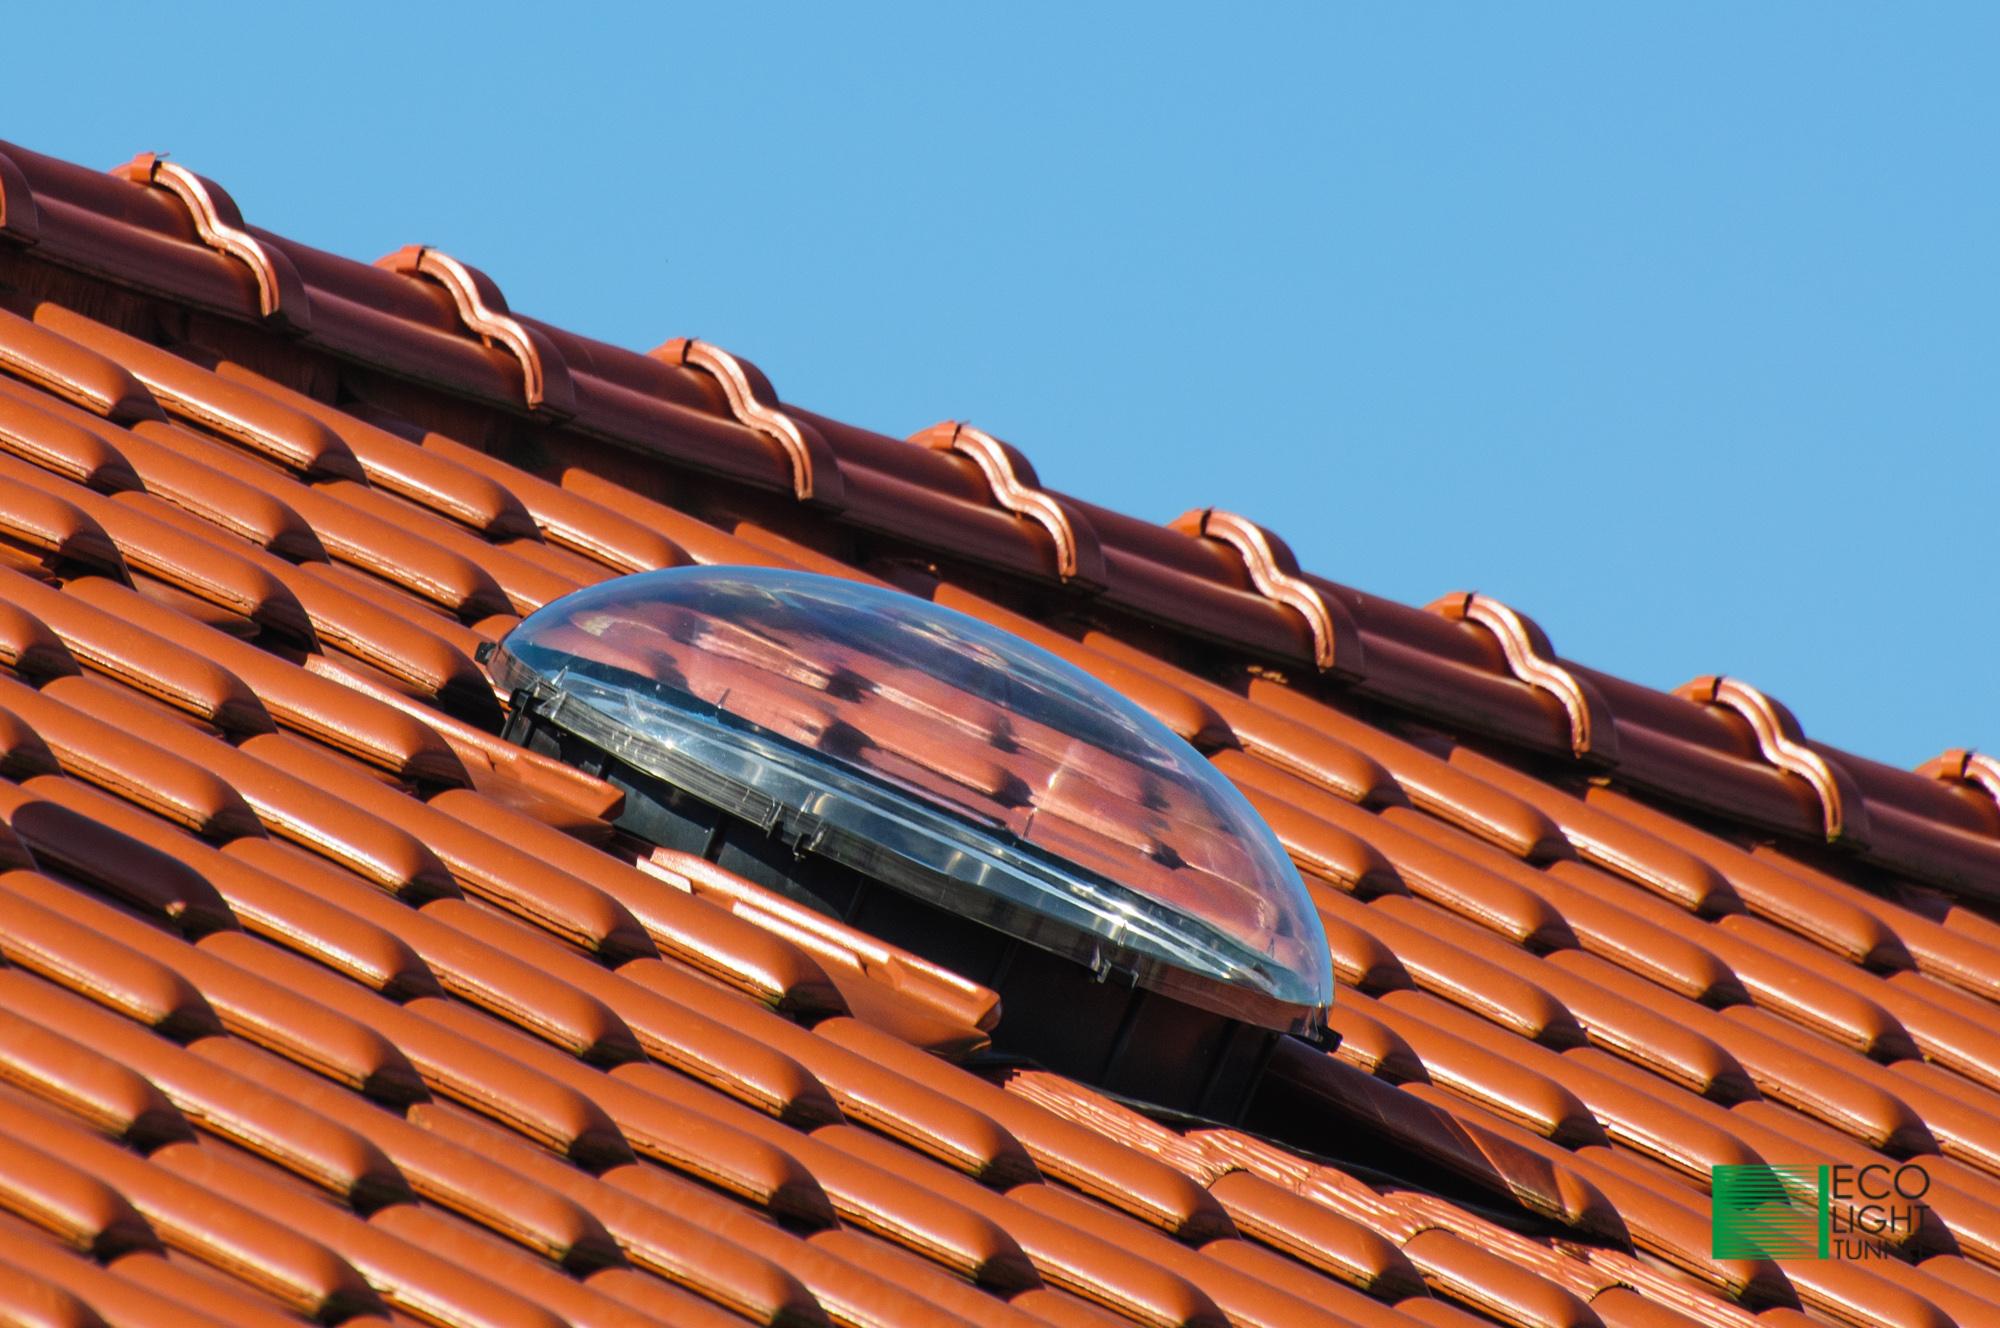 Standardowy świetlik rurowy 55cm na dachu z falistym pokryciem..